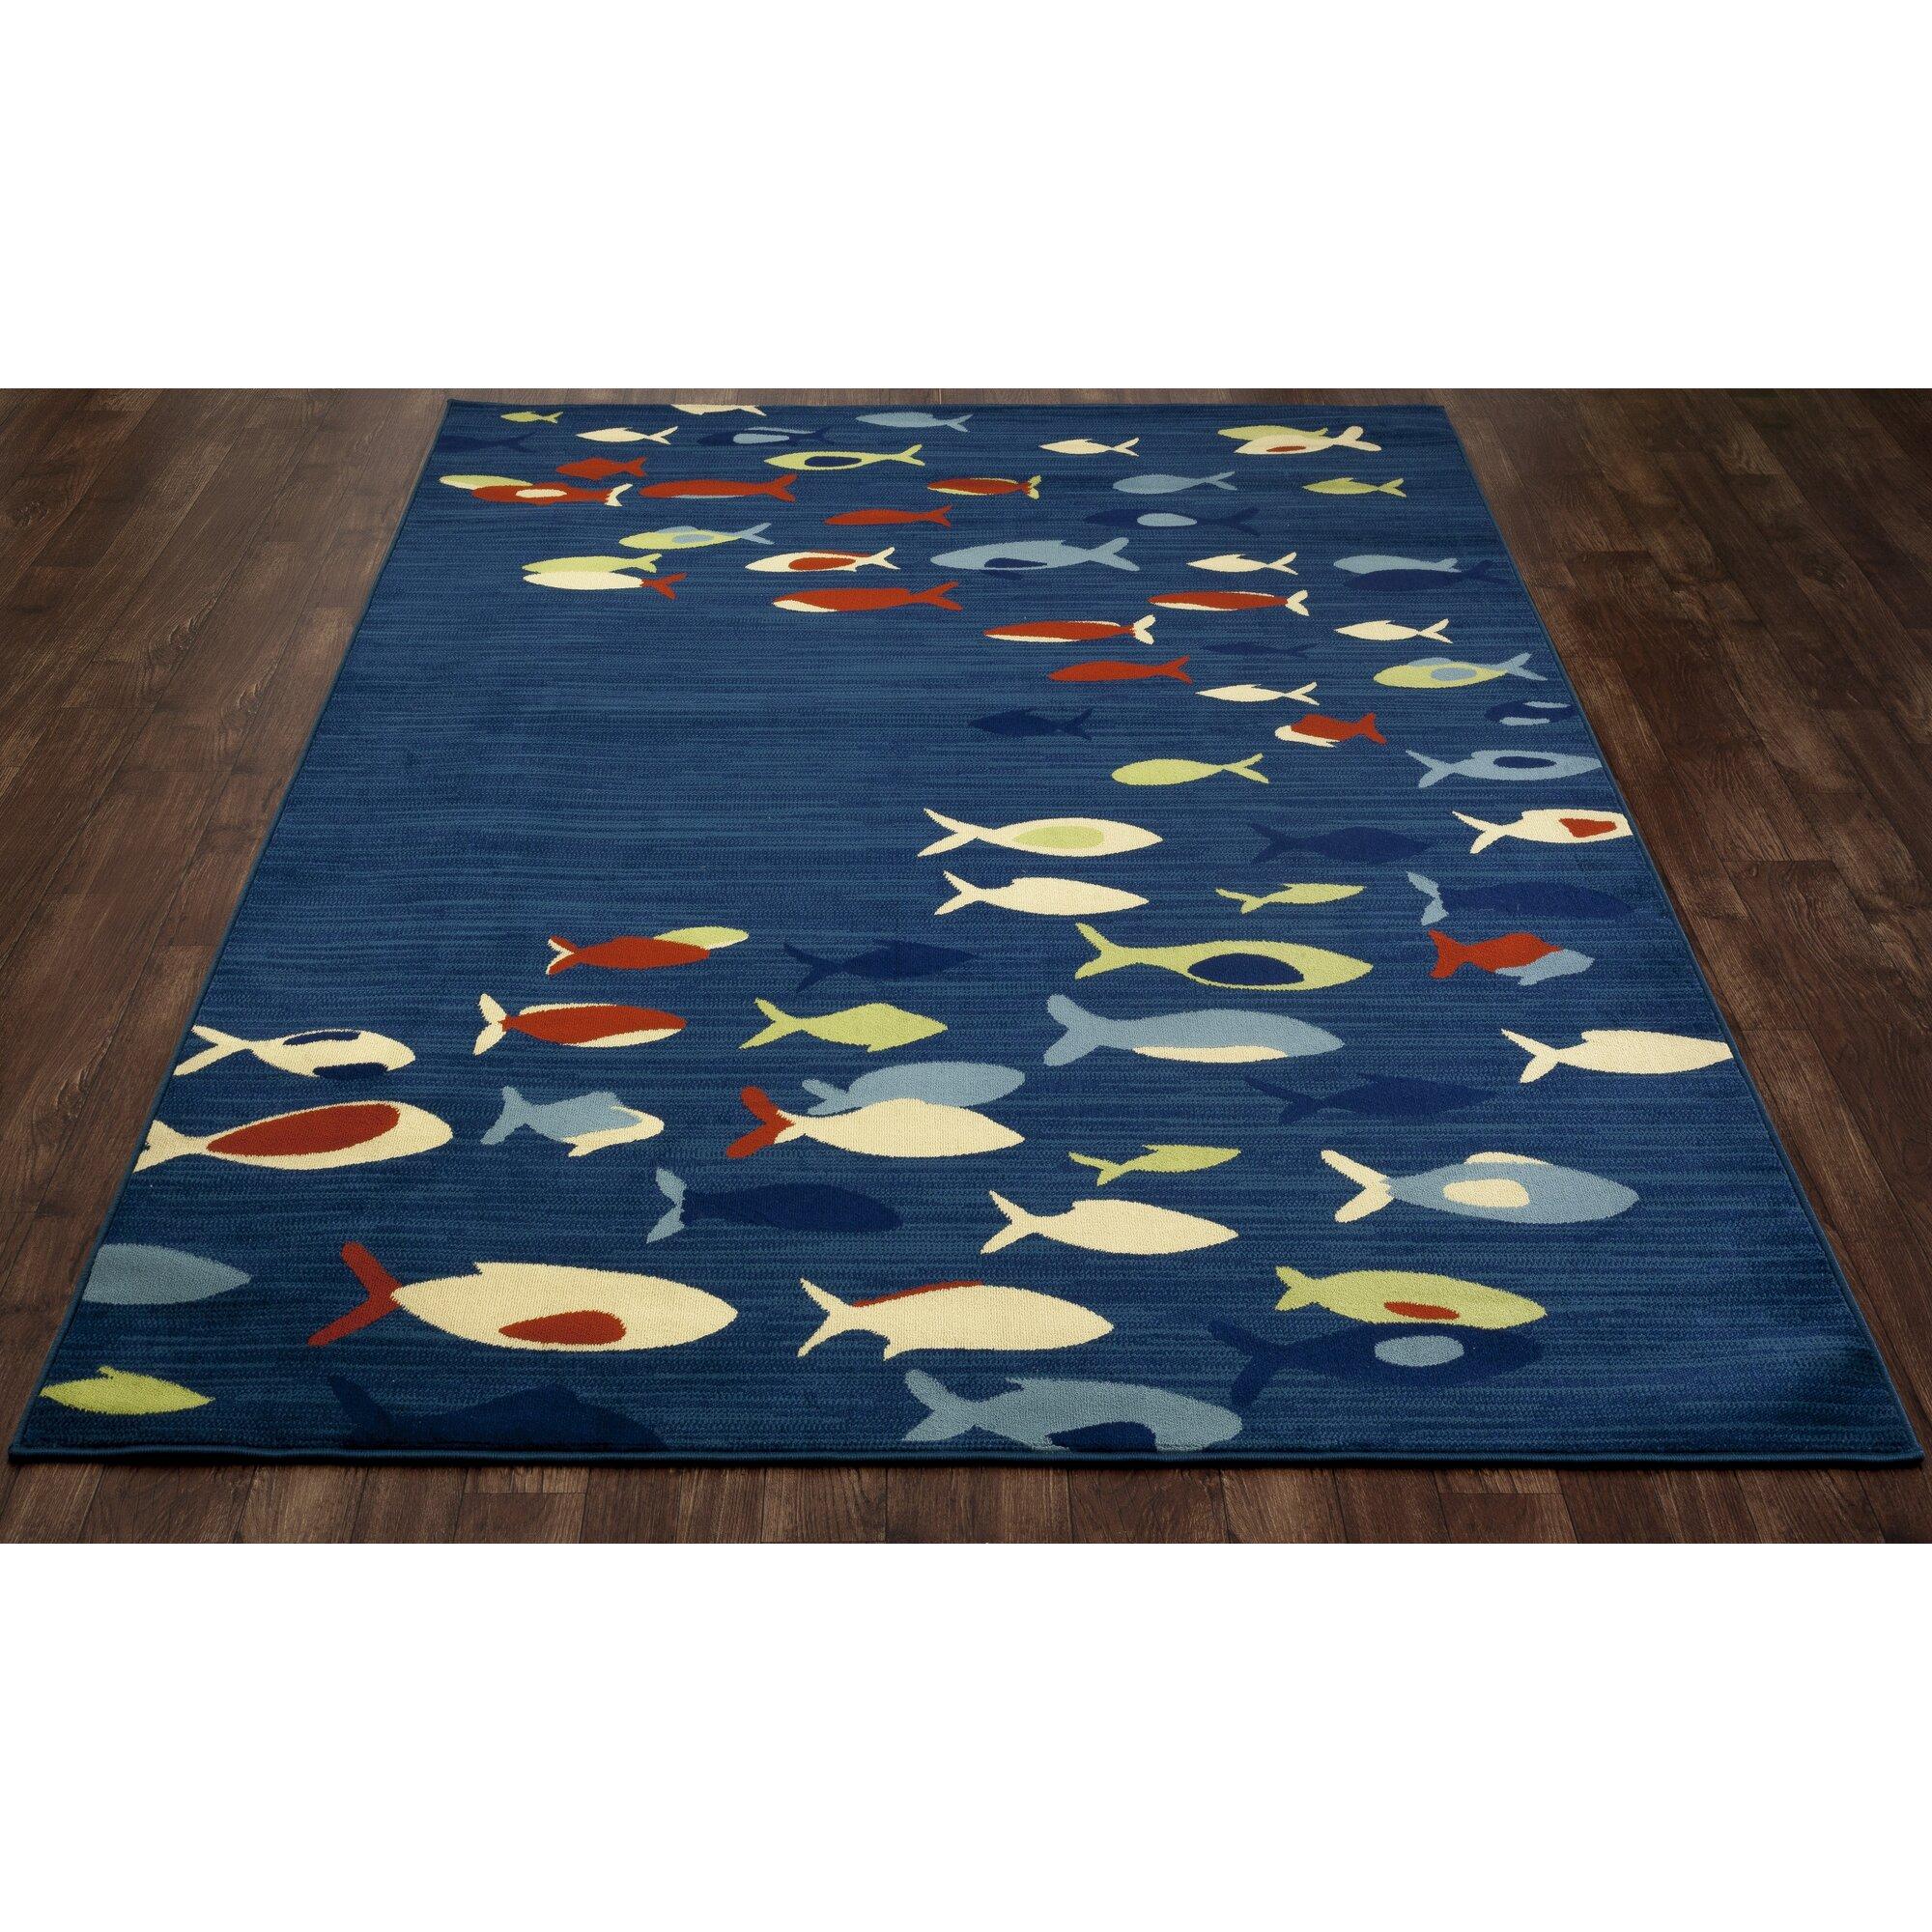 Art carpet seaport fish school navy indoor outdoor area for Landscape indoor area rug